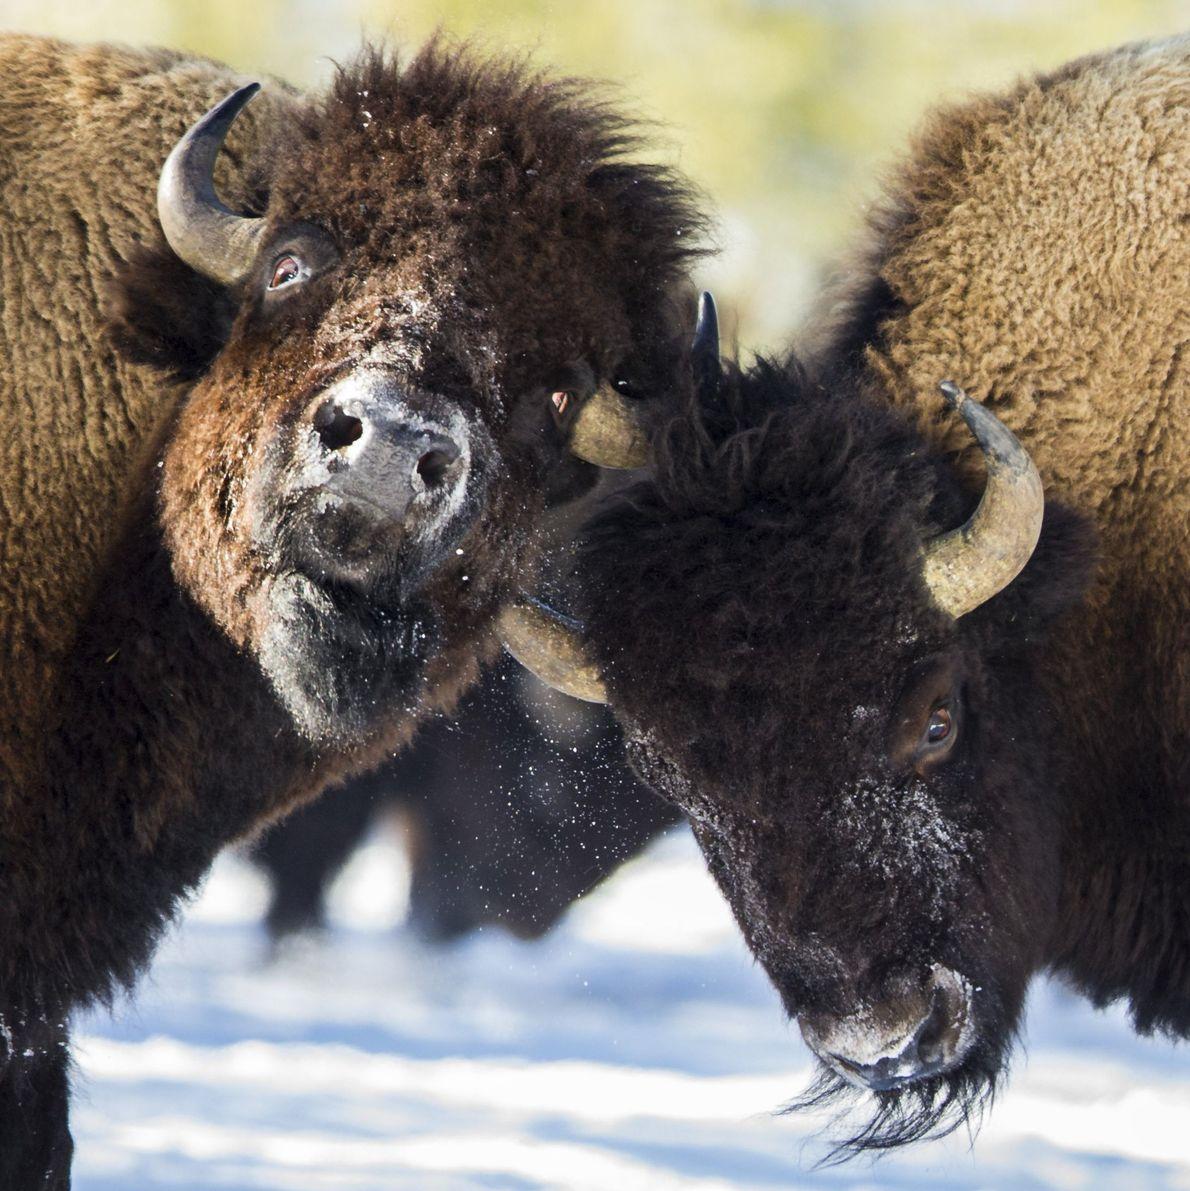 galeria-de-fotos-animais-em-acao-bisoes